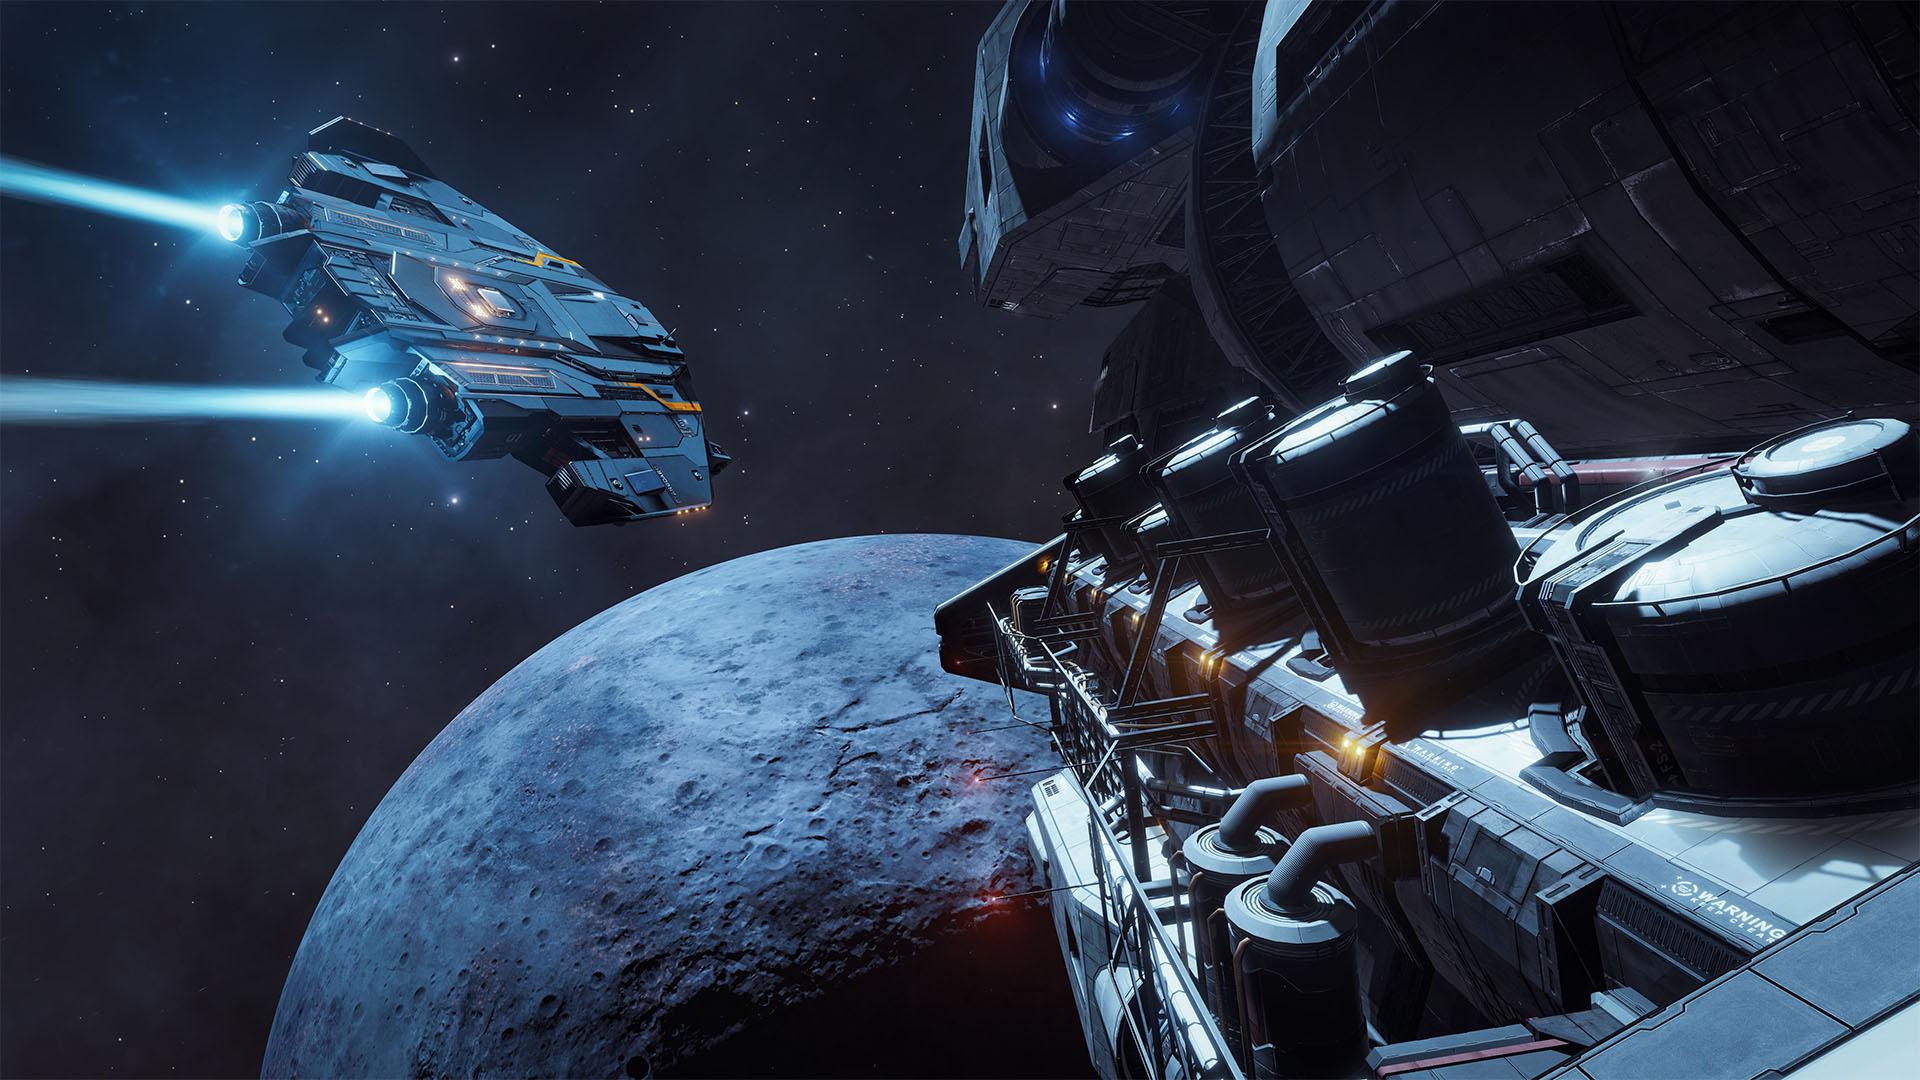 ED_Fleet_Carrier_Beta_Screenshots_2_1920x1080.jpg